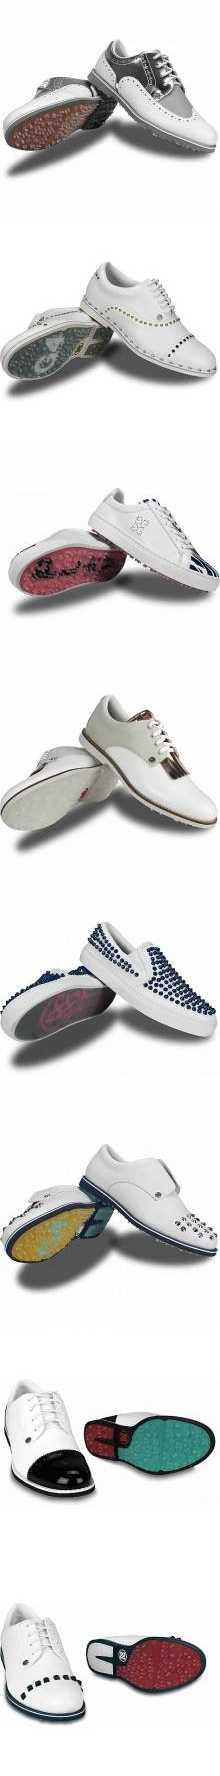 G Fore Cap Toe Gallivanter Women s Spikeless Golf Shoes 1b63b4c6109c